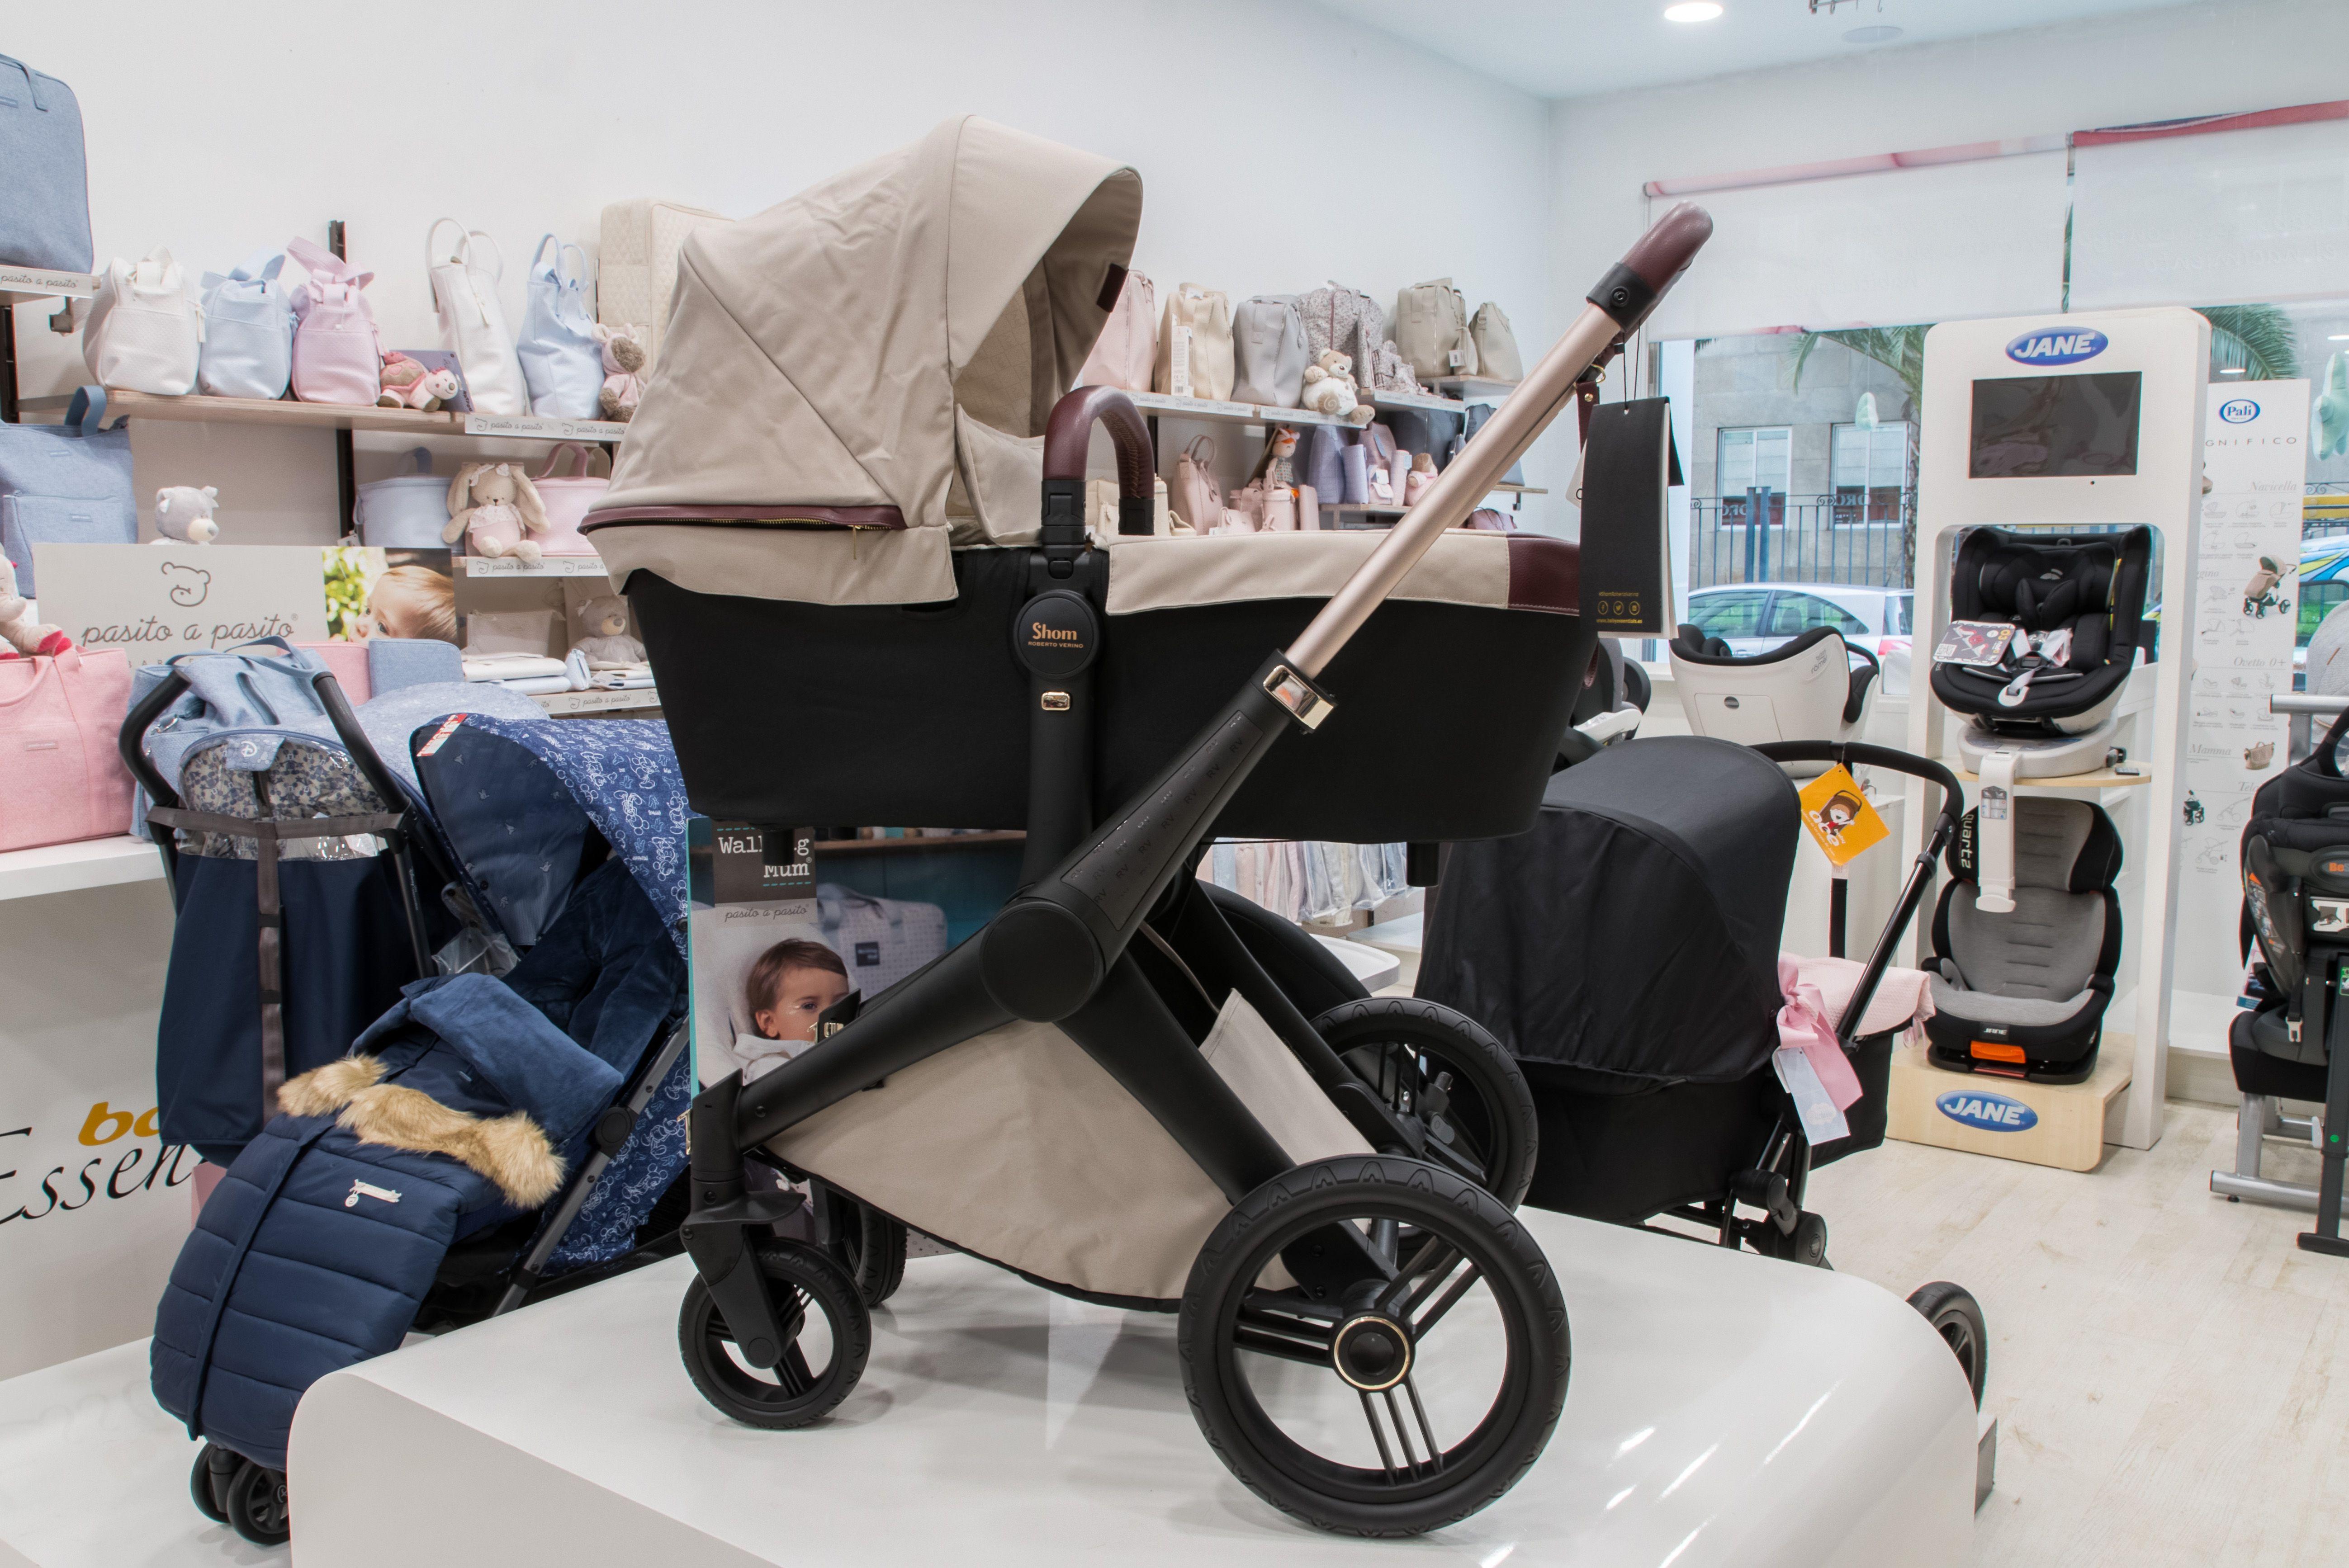 En Mister Baby tenemos variedad de modelos de carritos, estamos en Pontevedra